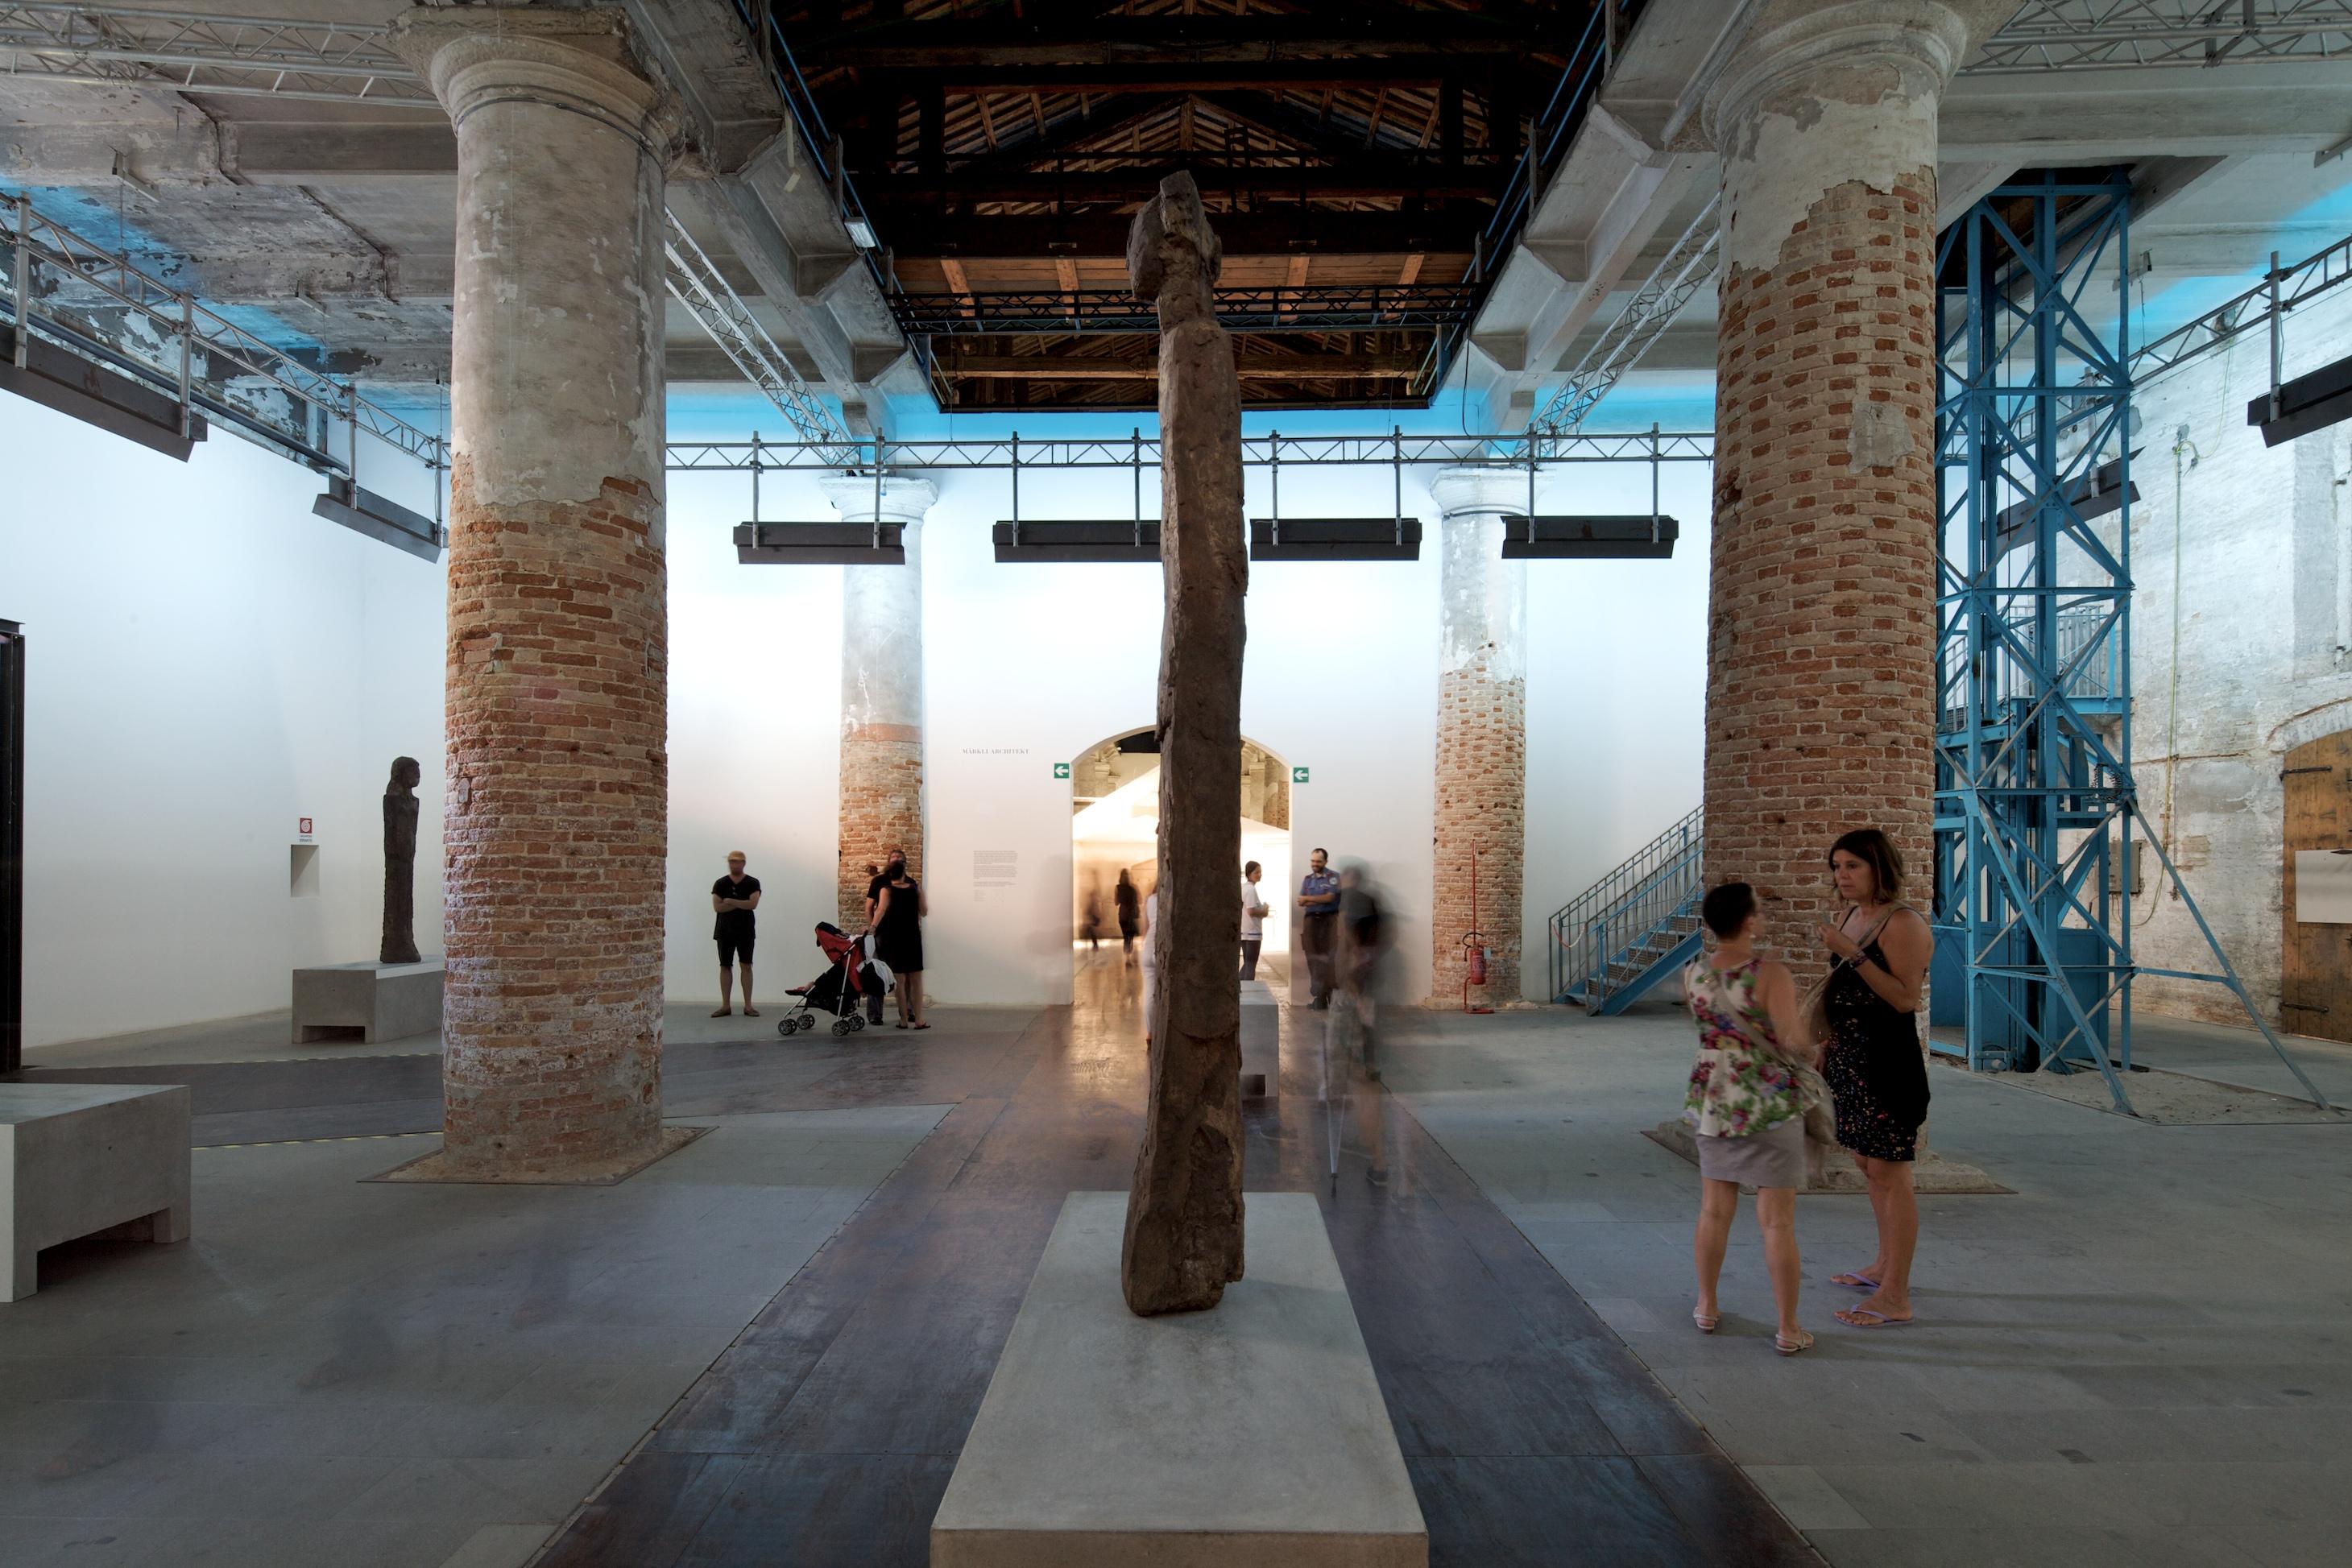 Bienal de Veneza 2012: Märkli Architekt, © Nico Saieh